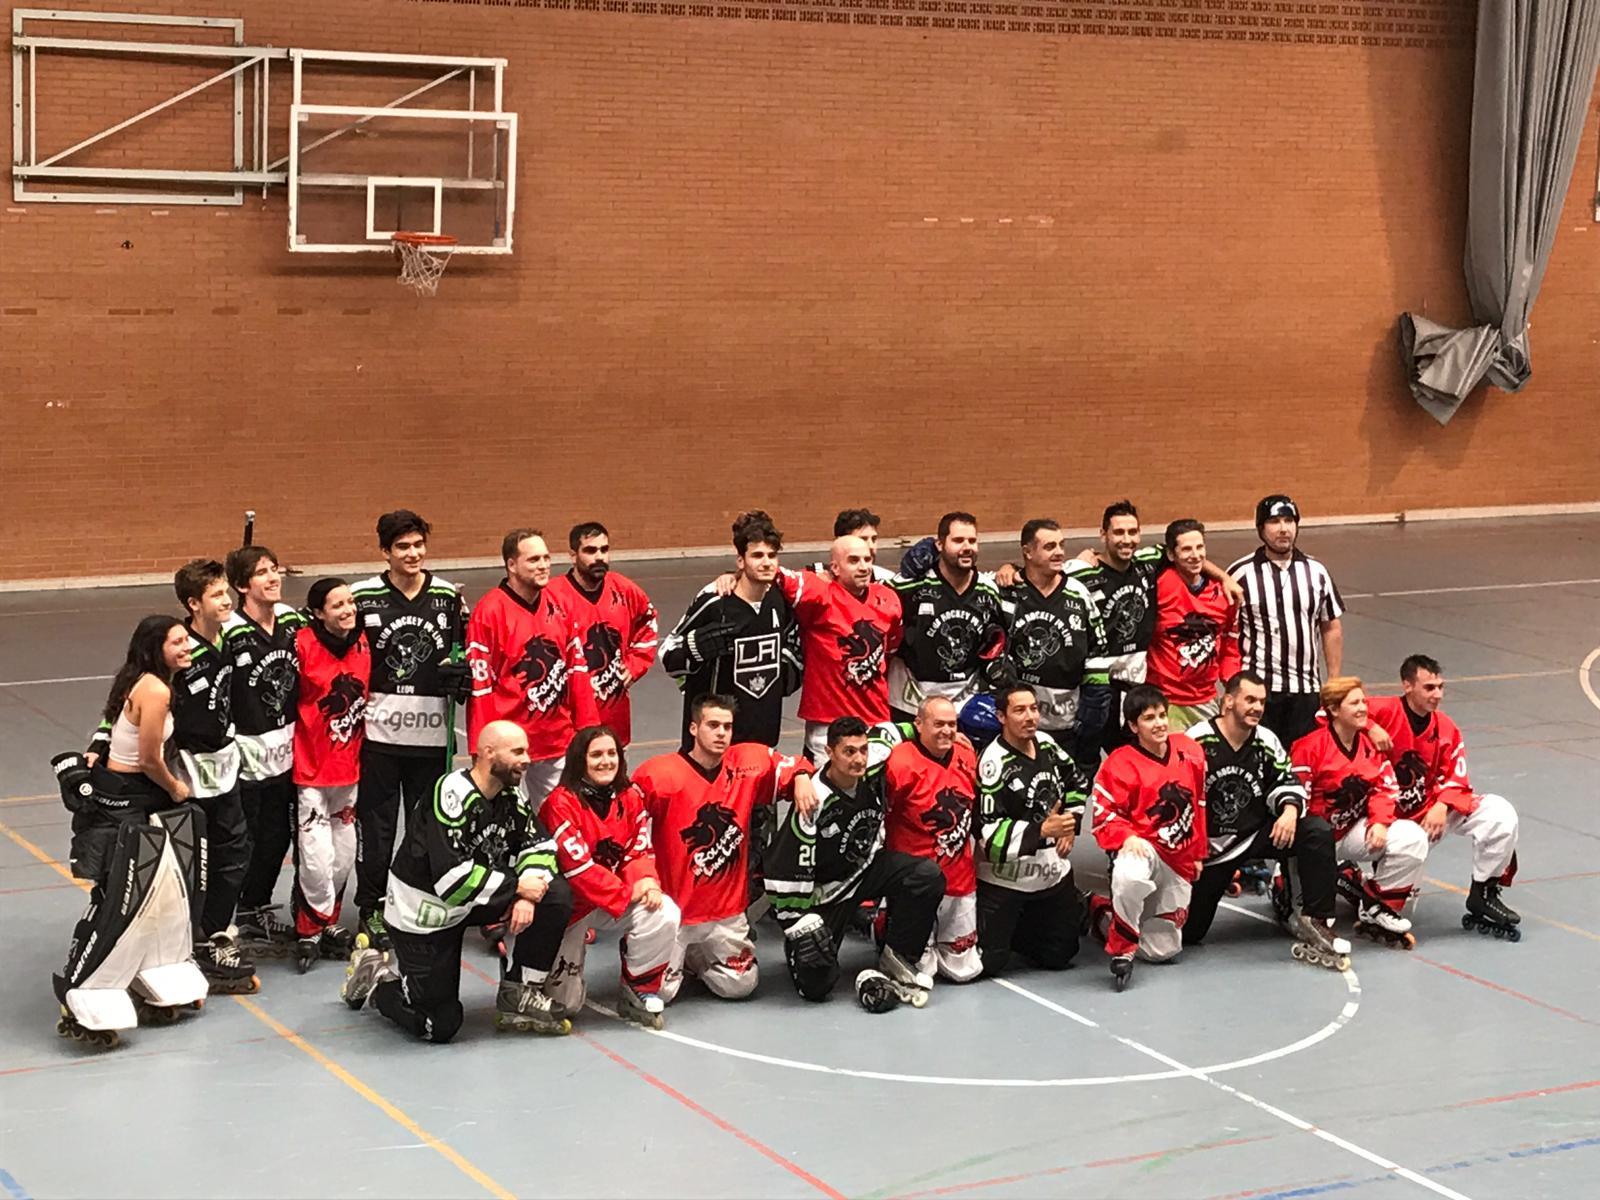 VIII Torneo Ciudad de León de hockey patines